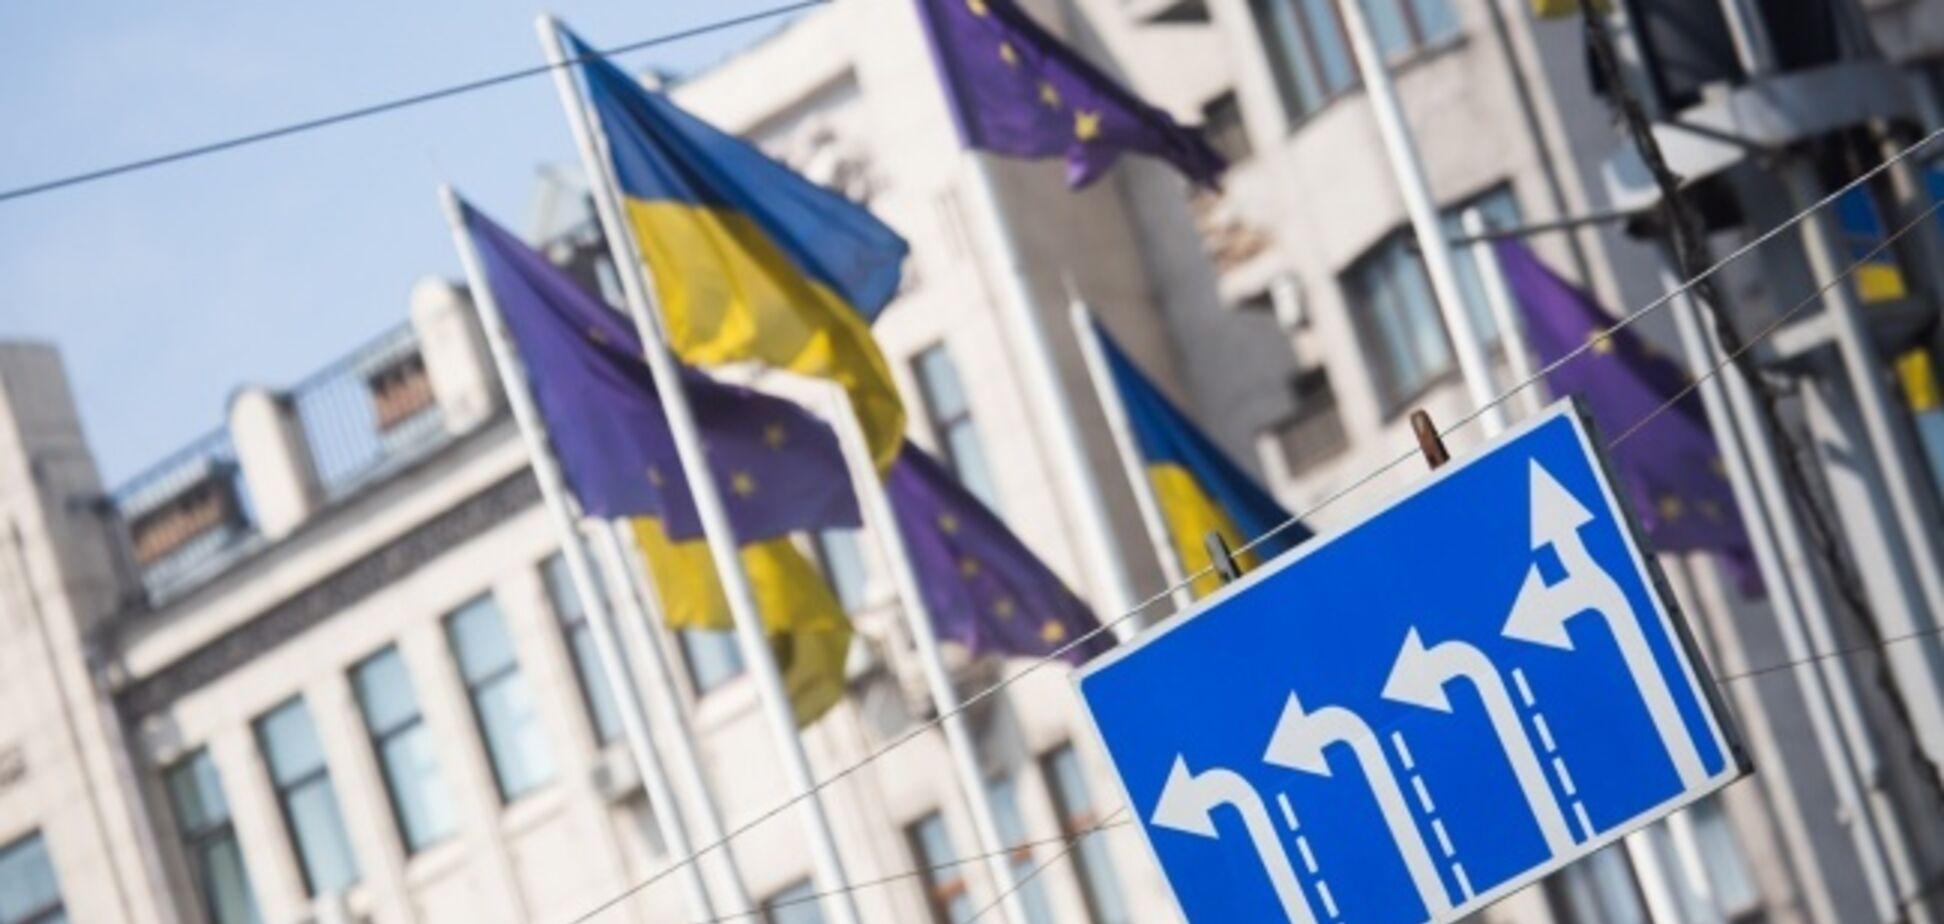 Путин не помеха: в Канаде объявили о существенном прогрессе Украины